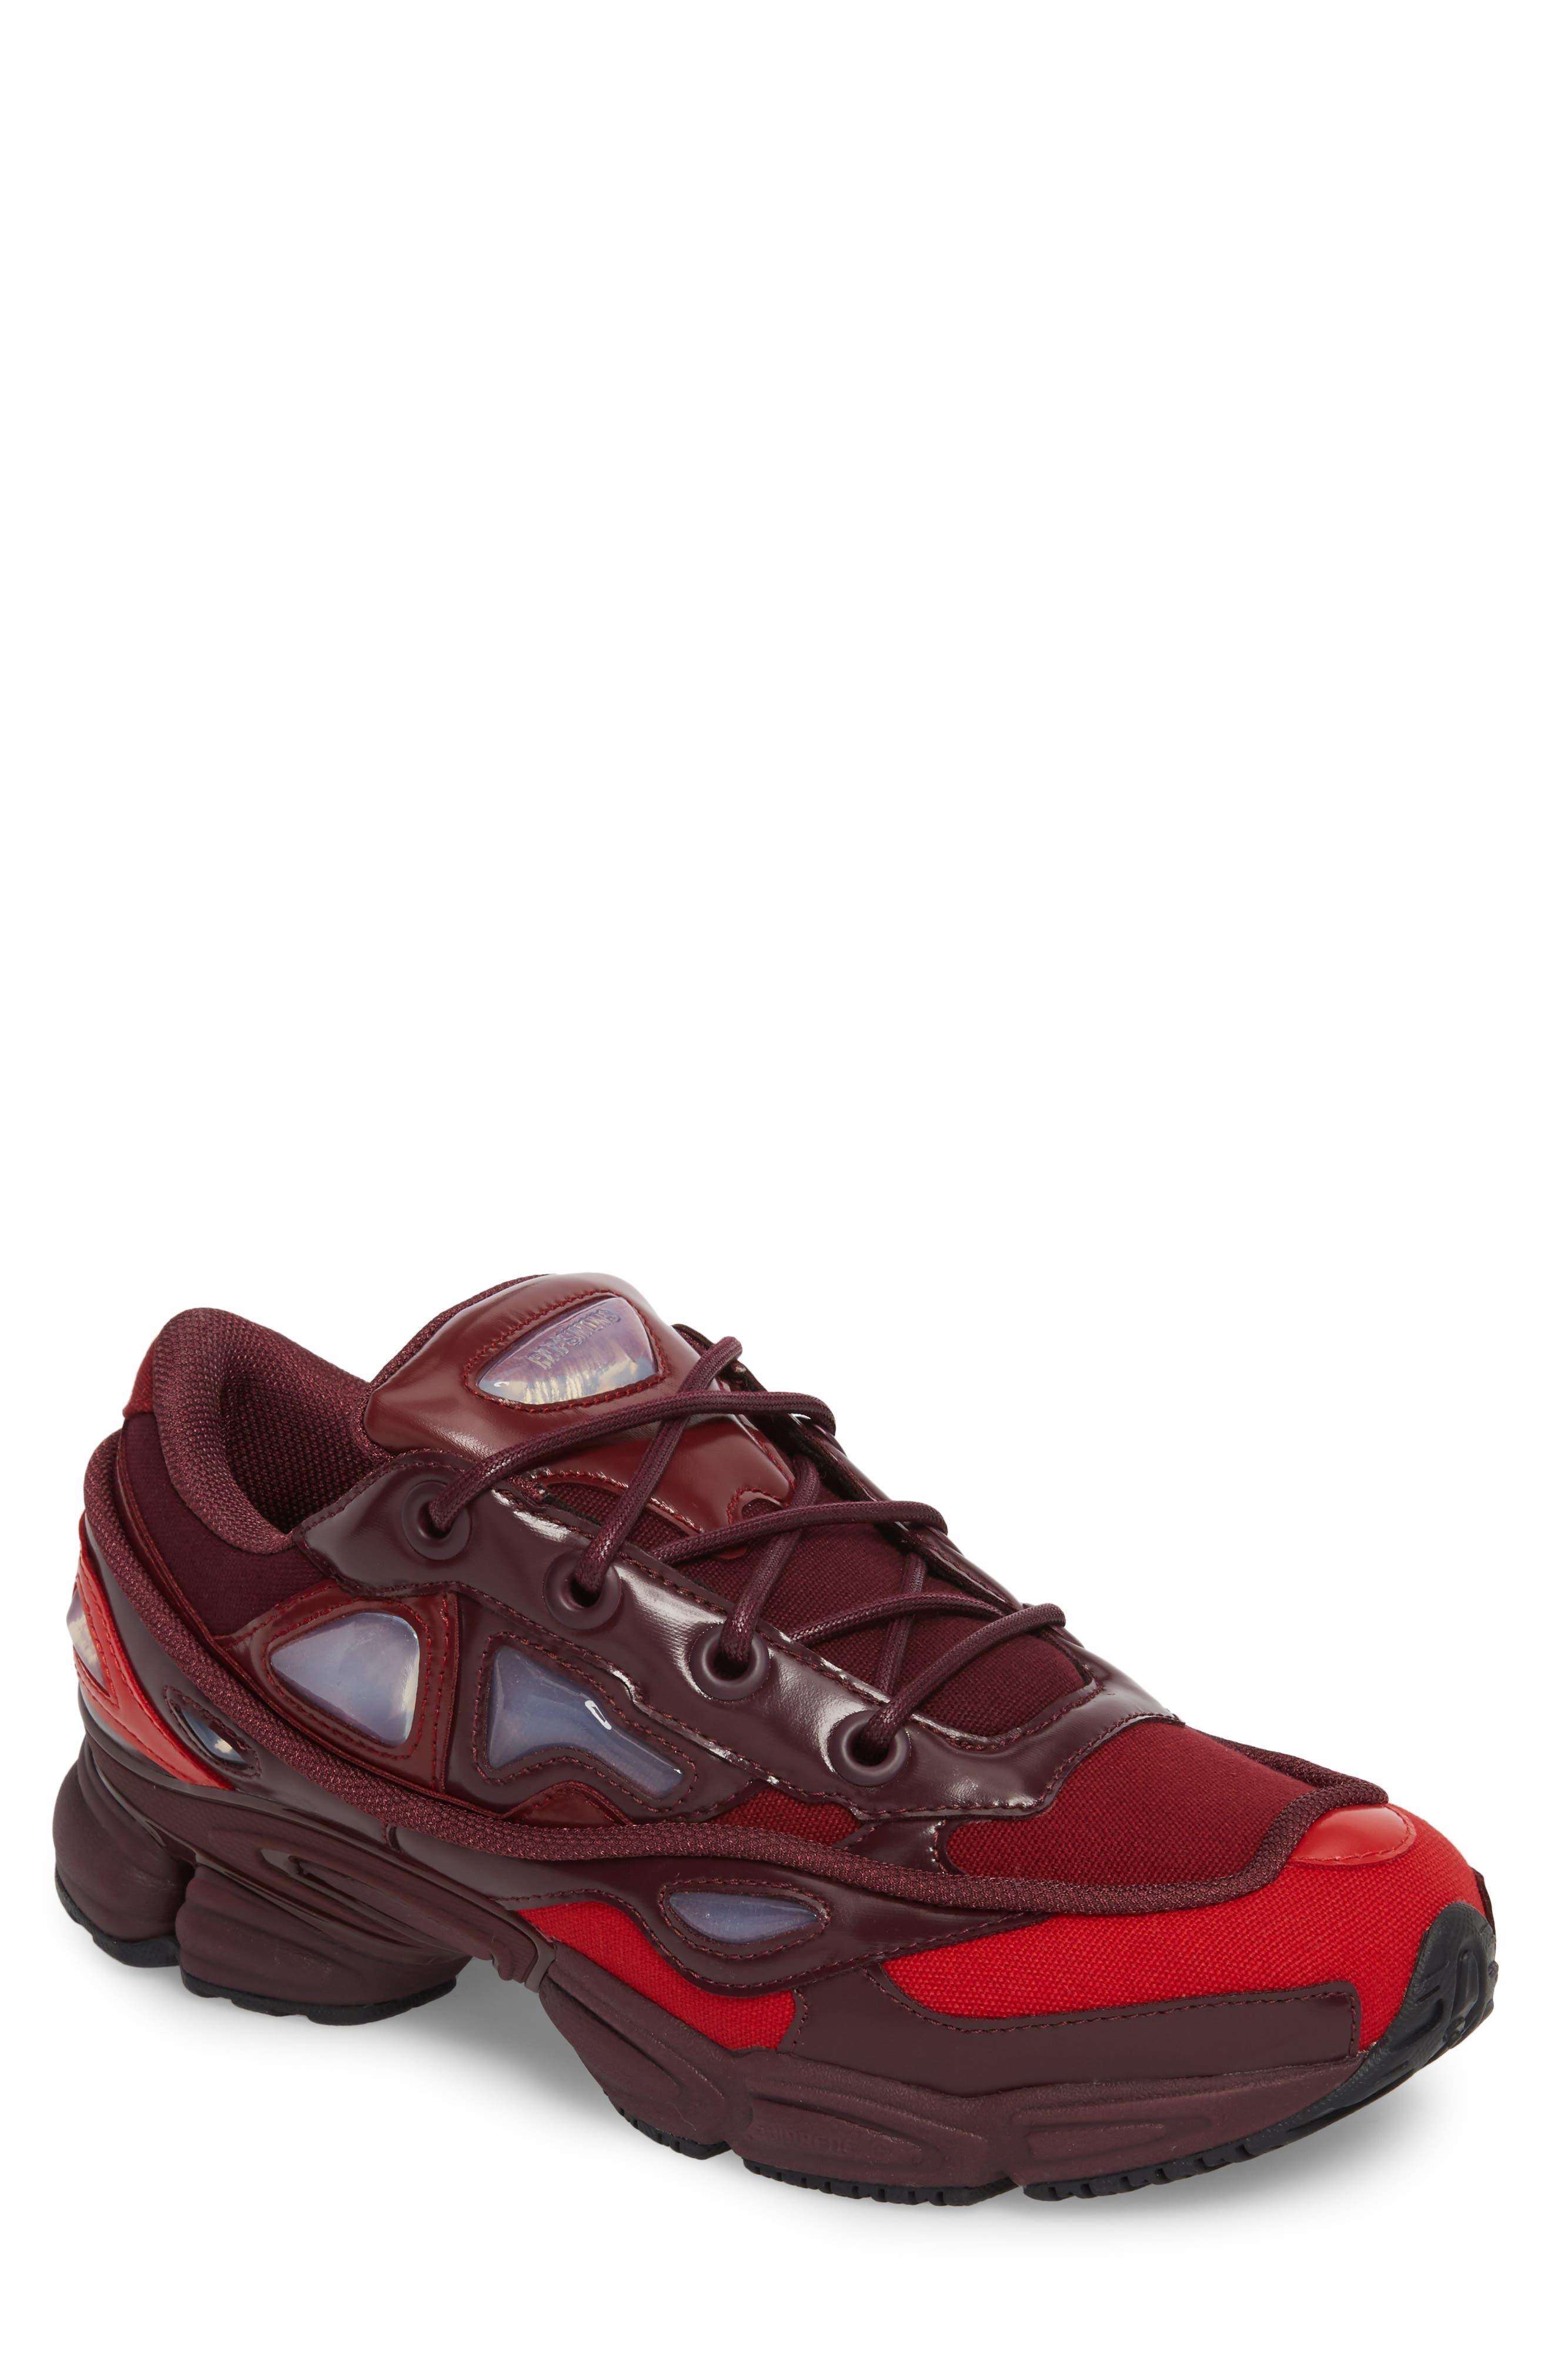 adidas by Raf Simons Ozweego III Sneaker (Men)